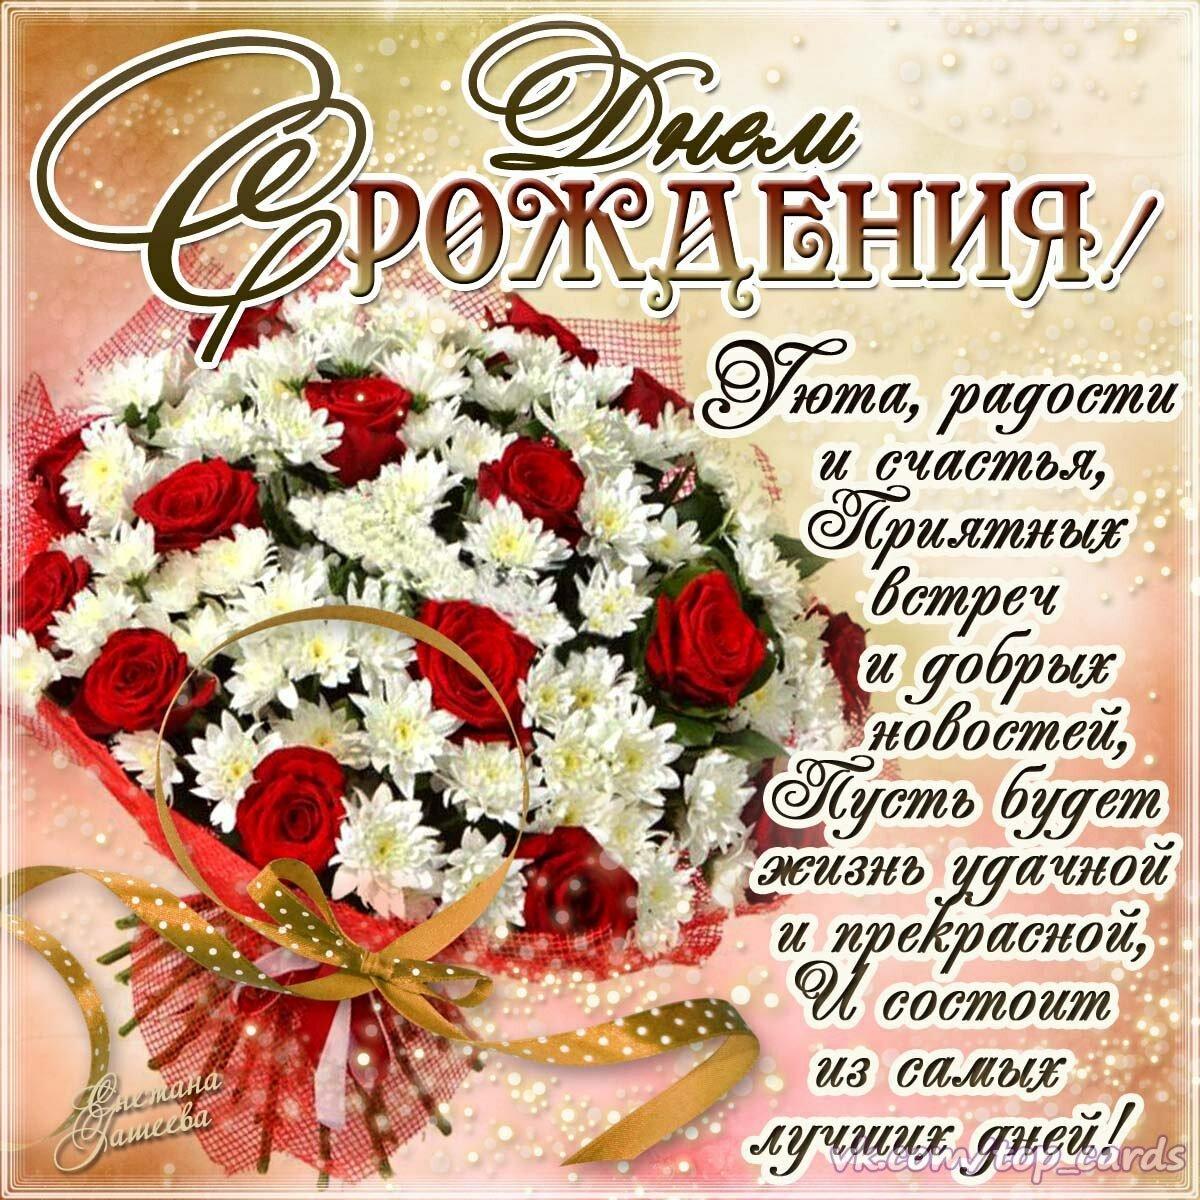 Фотки открытки поздравления